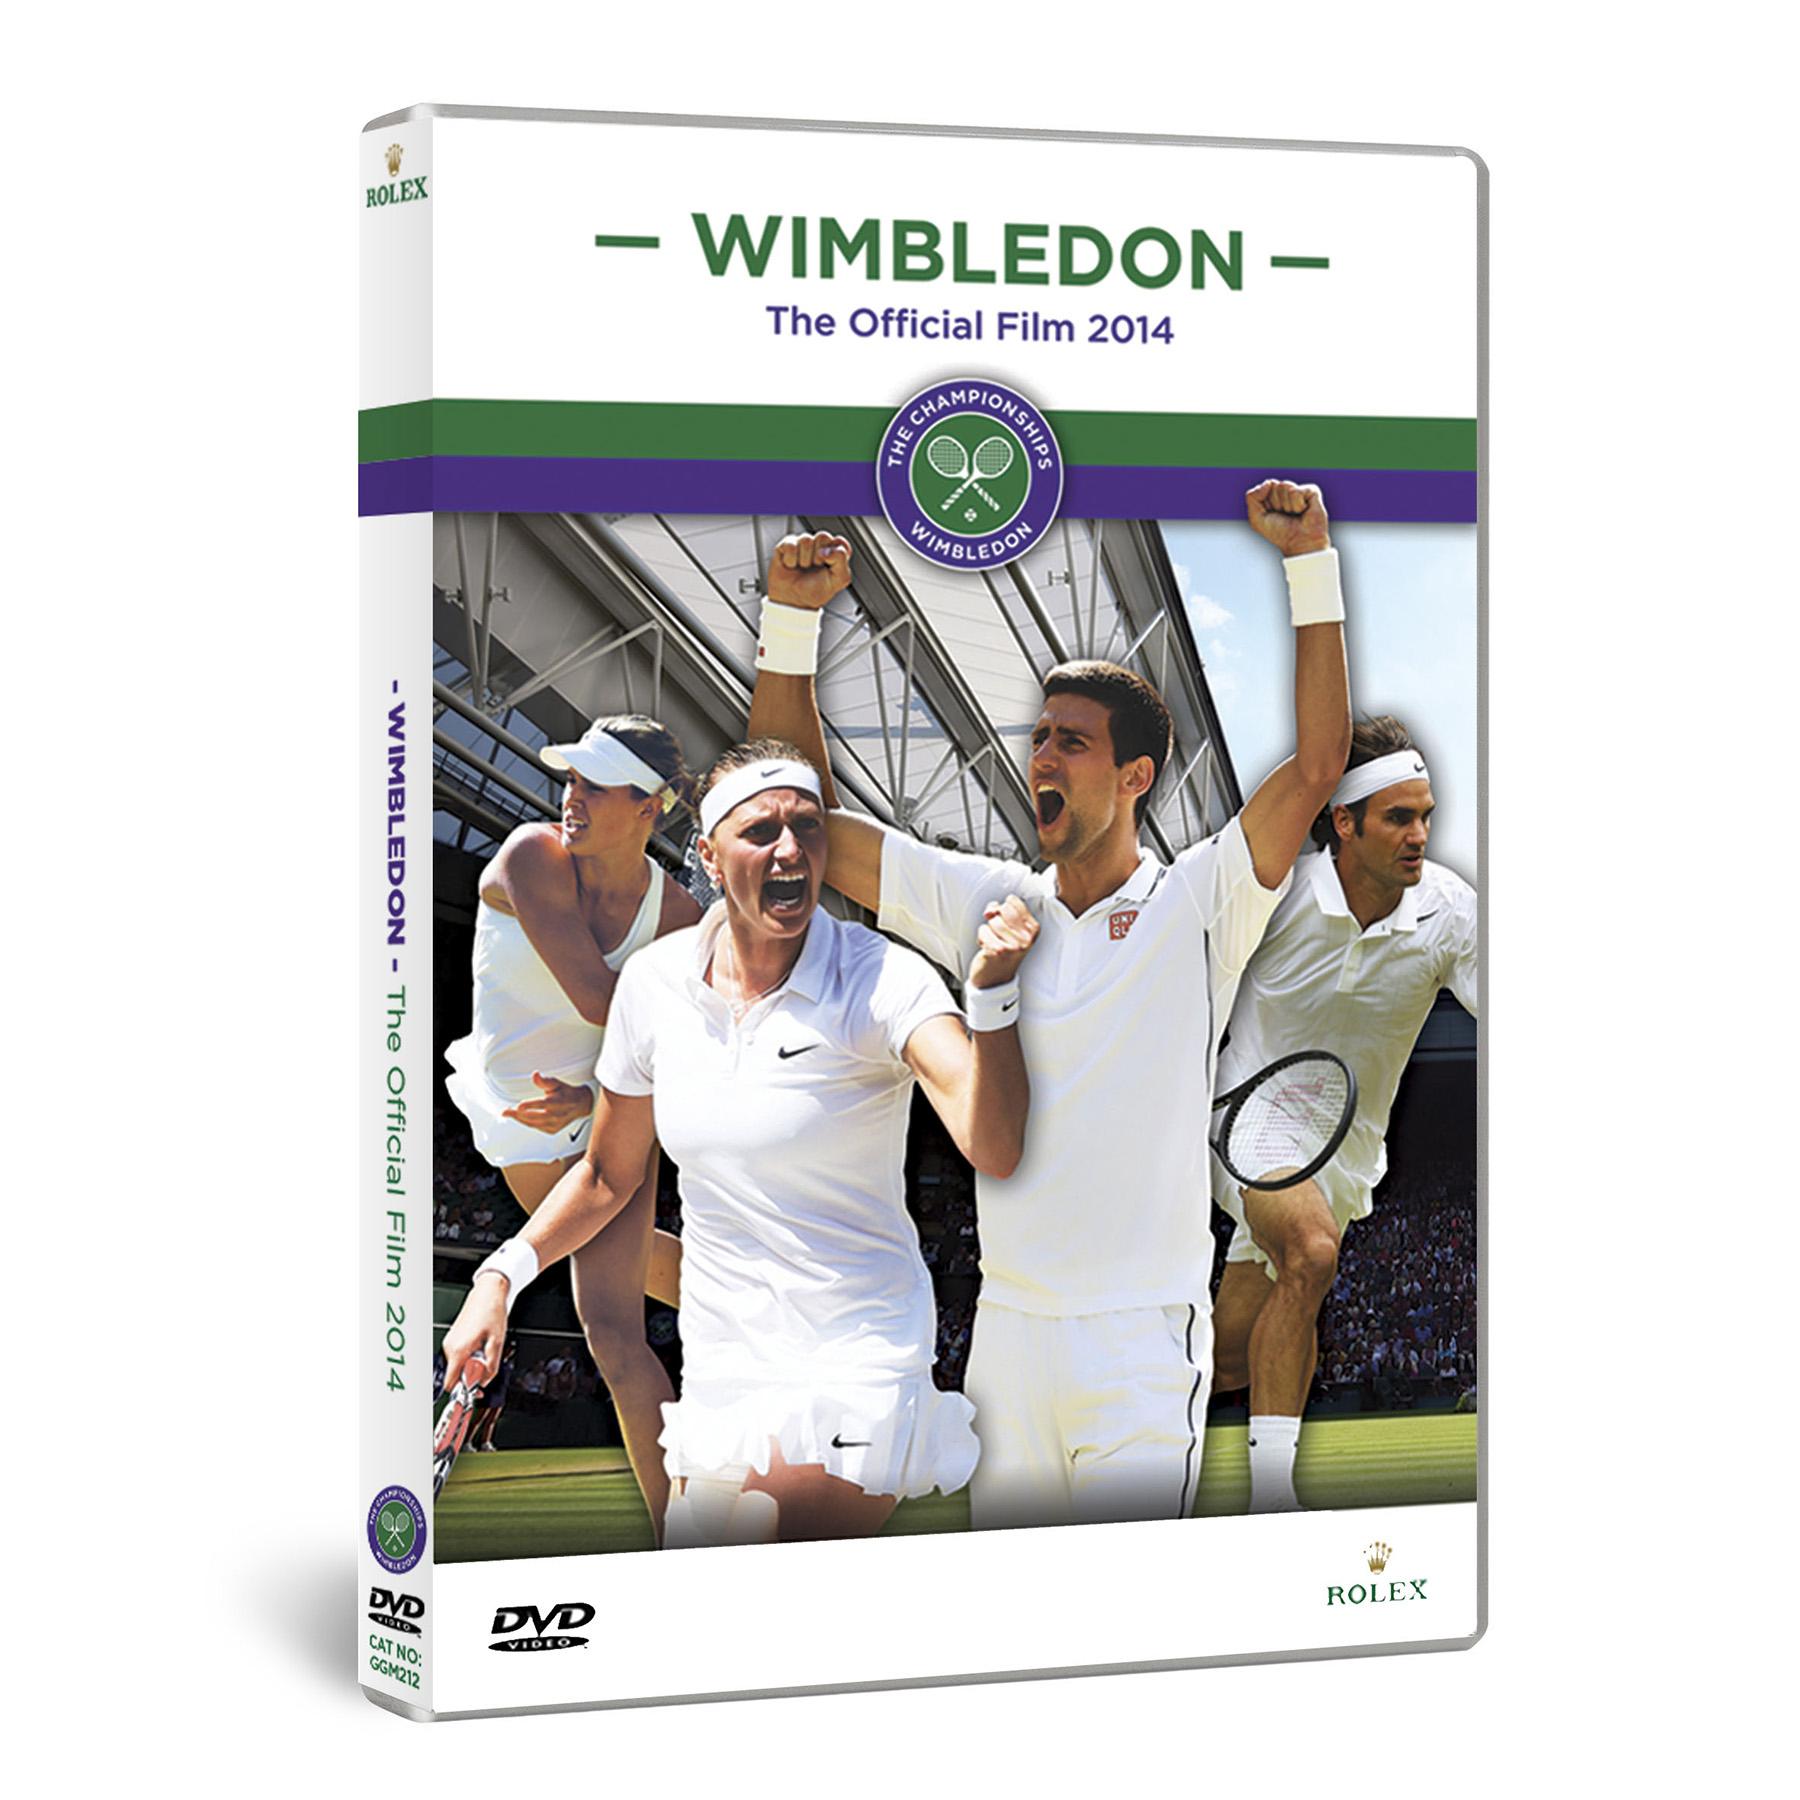 Wimbledon The Official Film 2014 DVD